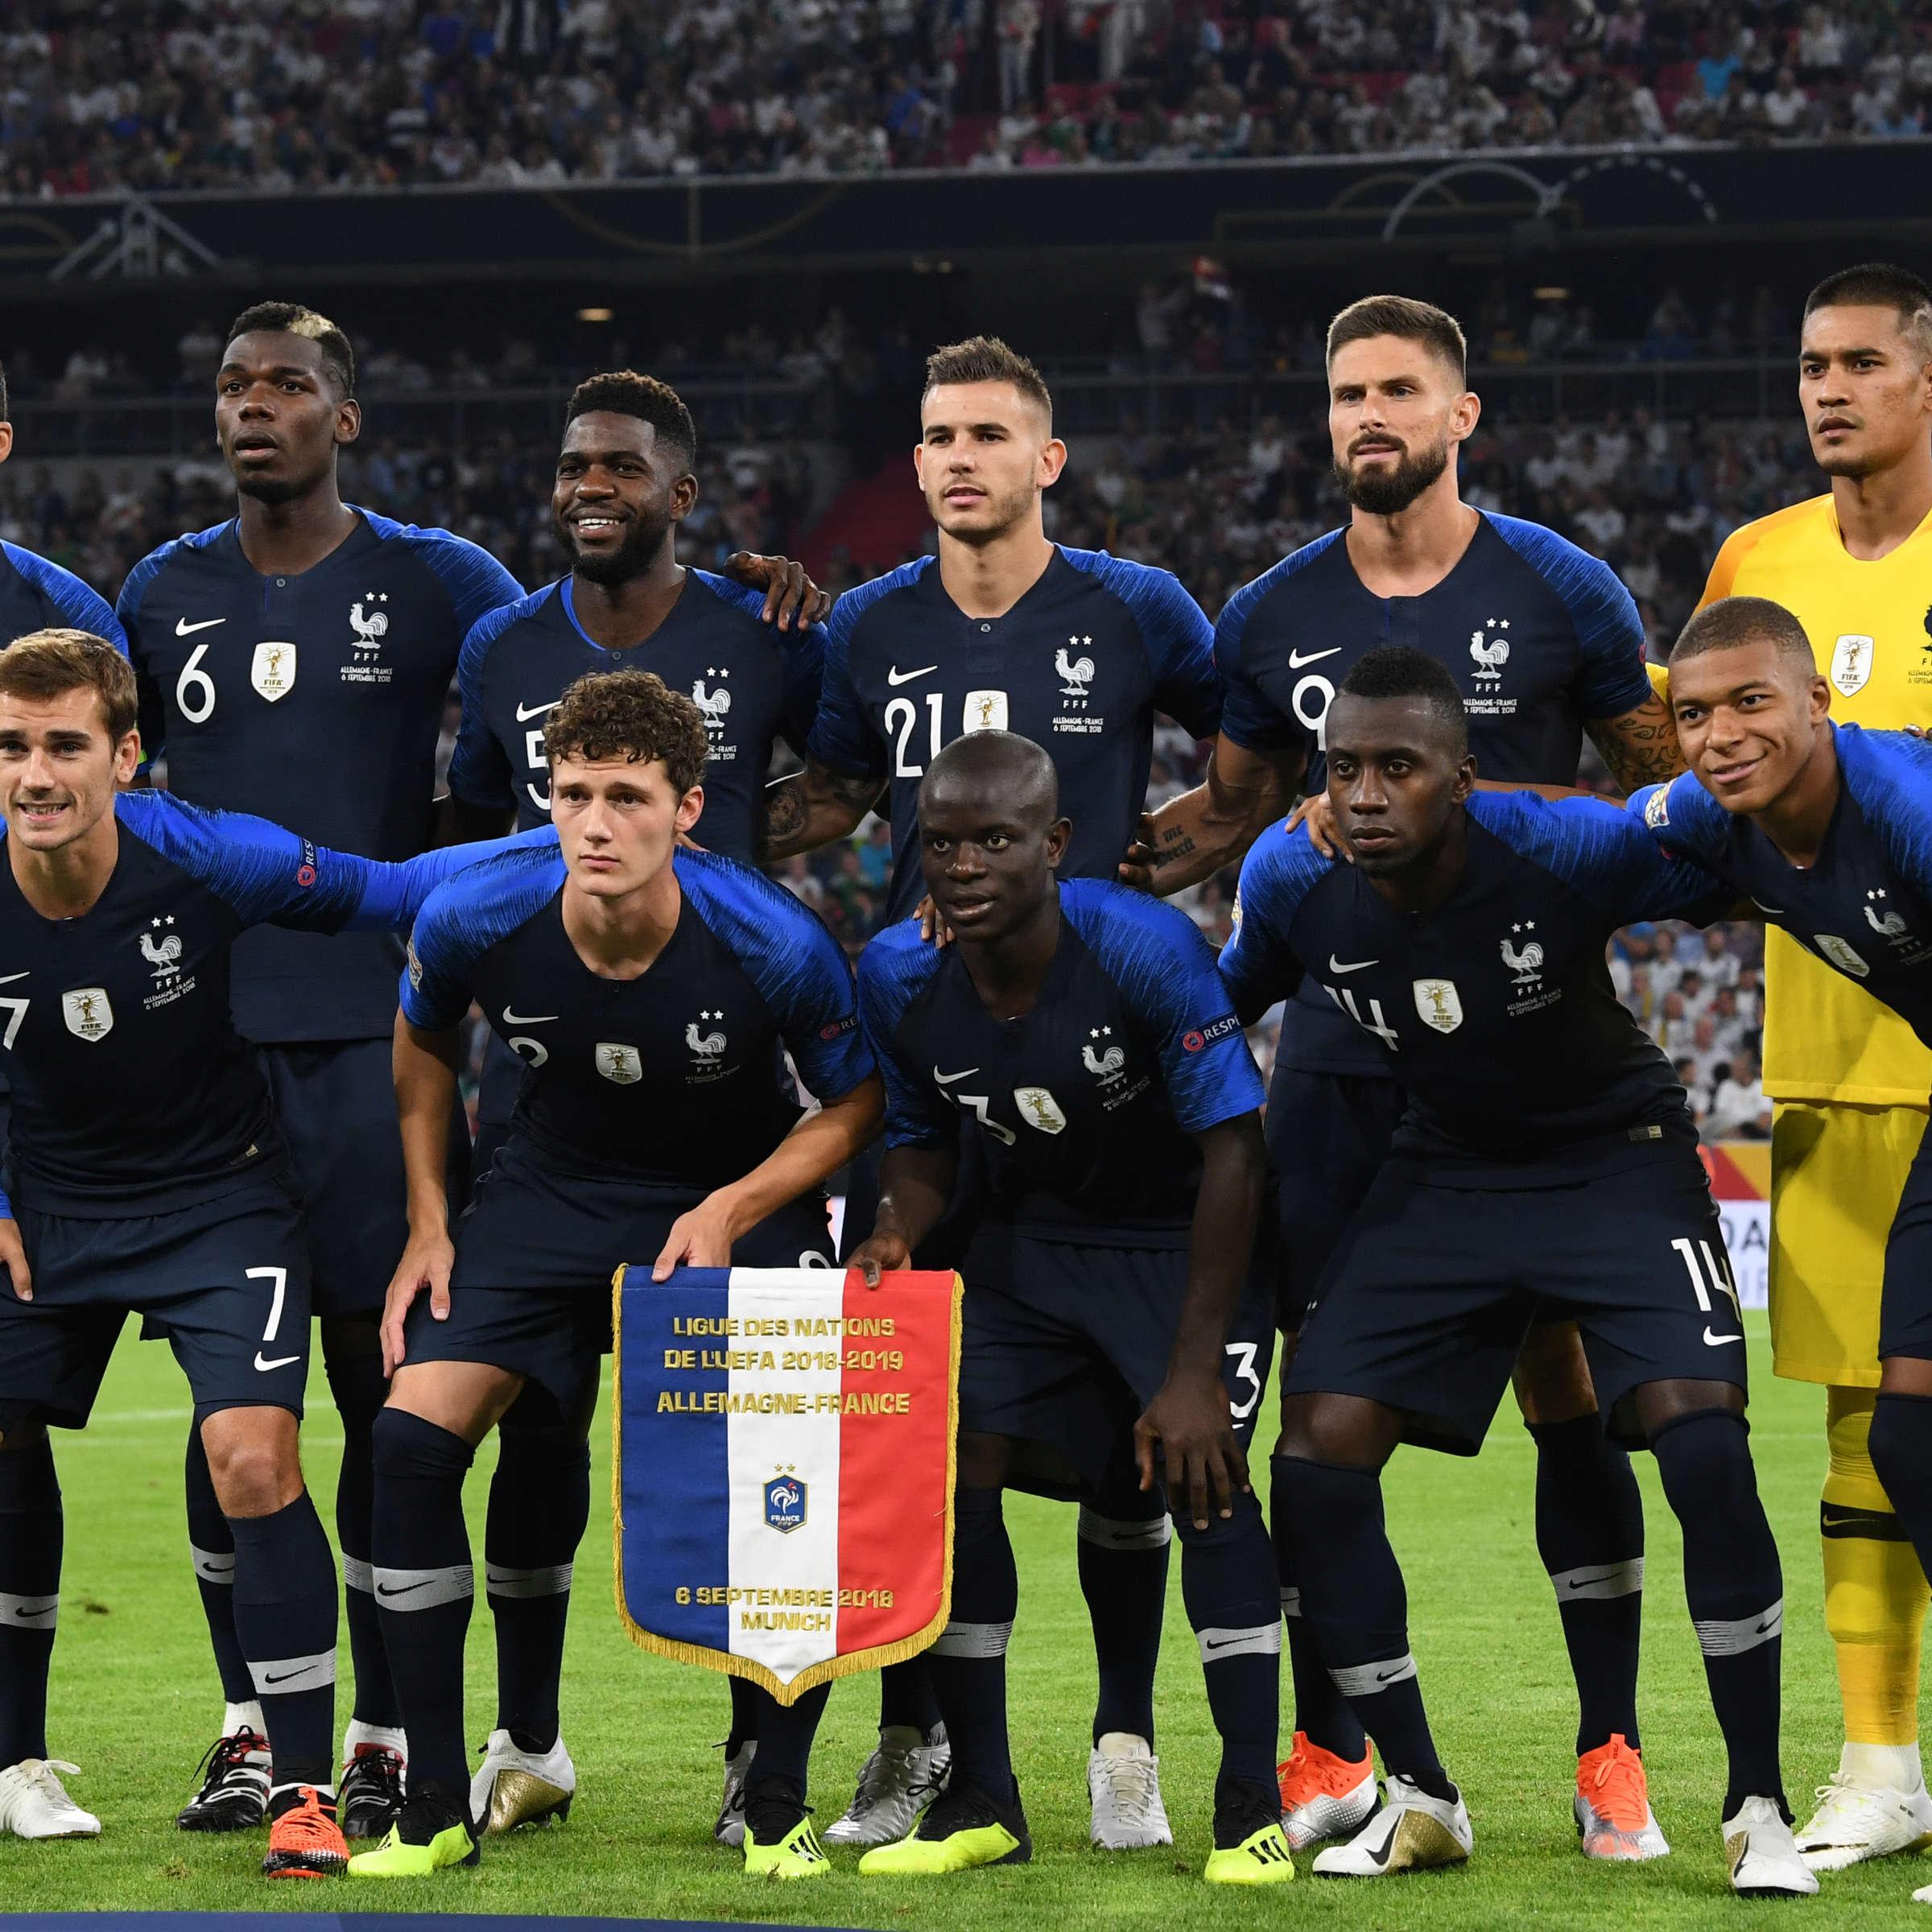 Franzosische Nationalmannschaft Erfolge Rekorde Trainer Alle Infos Zur Equipe Tricolore Fussball